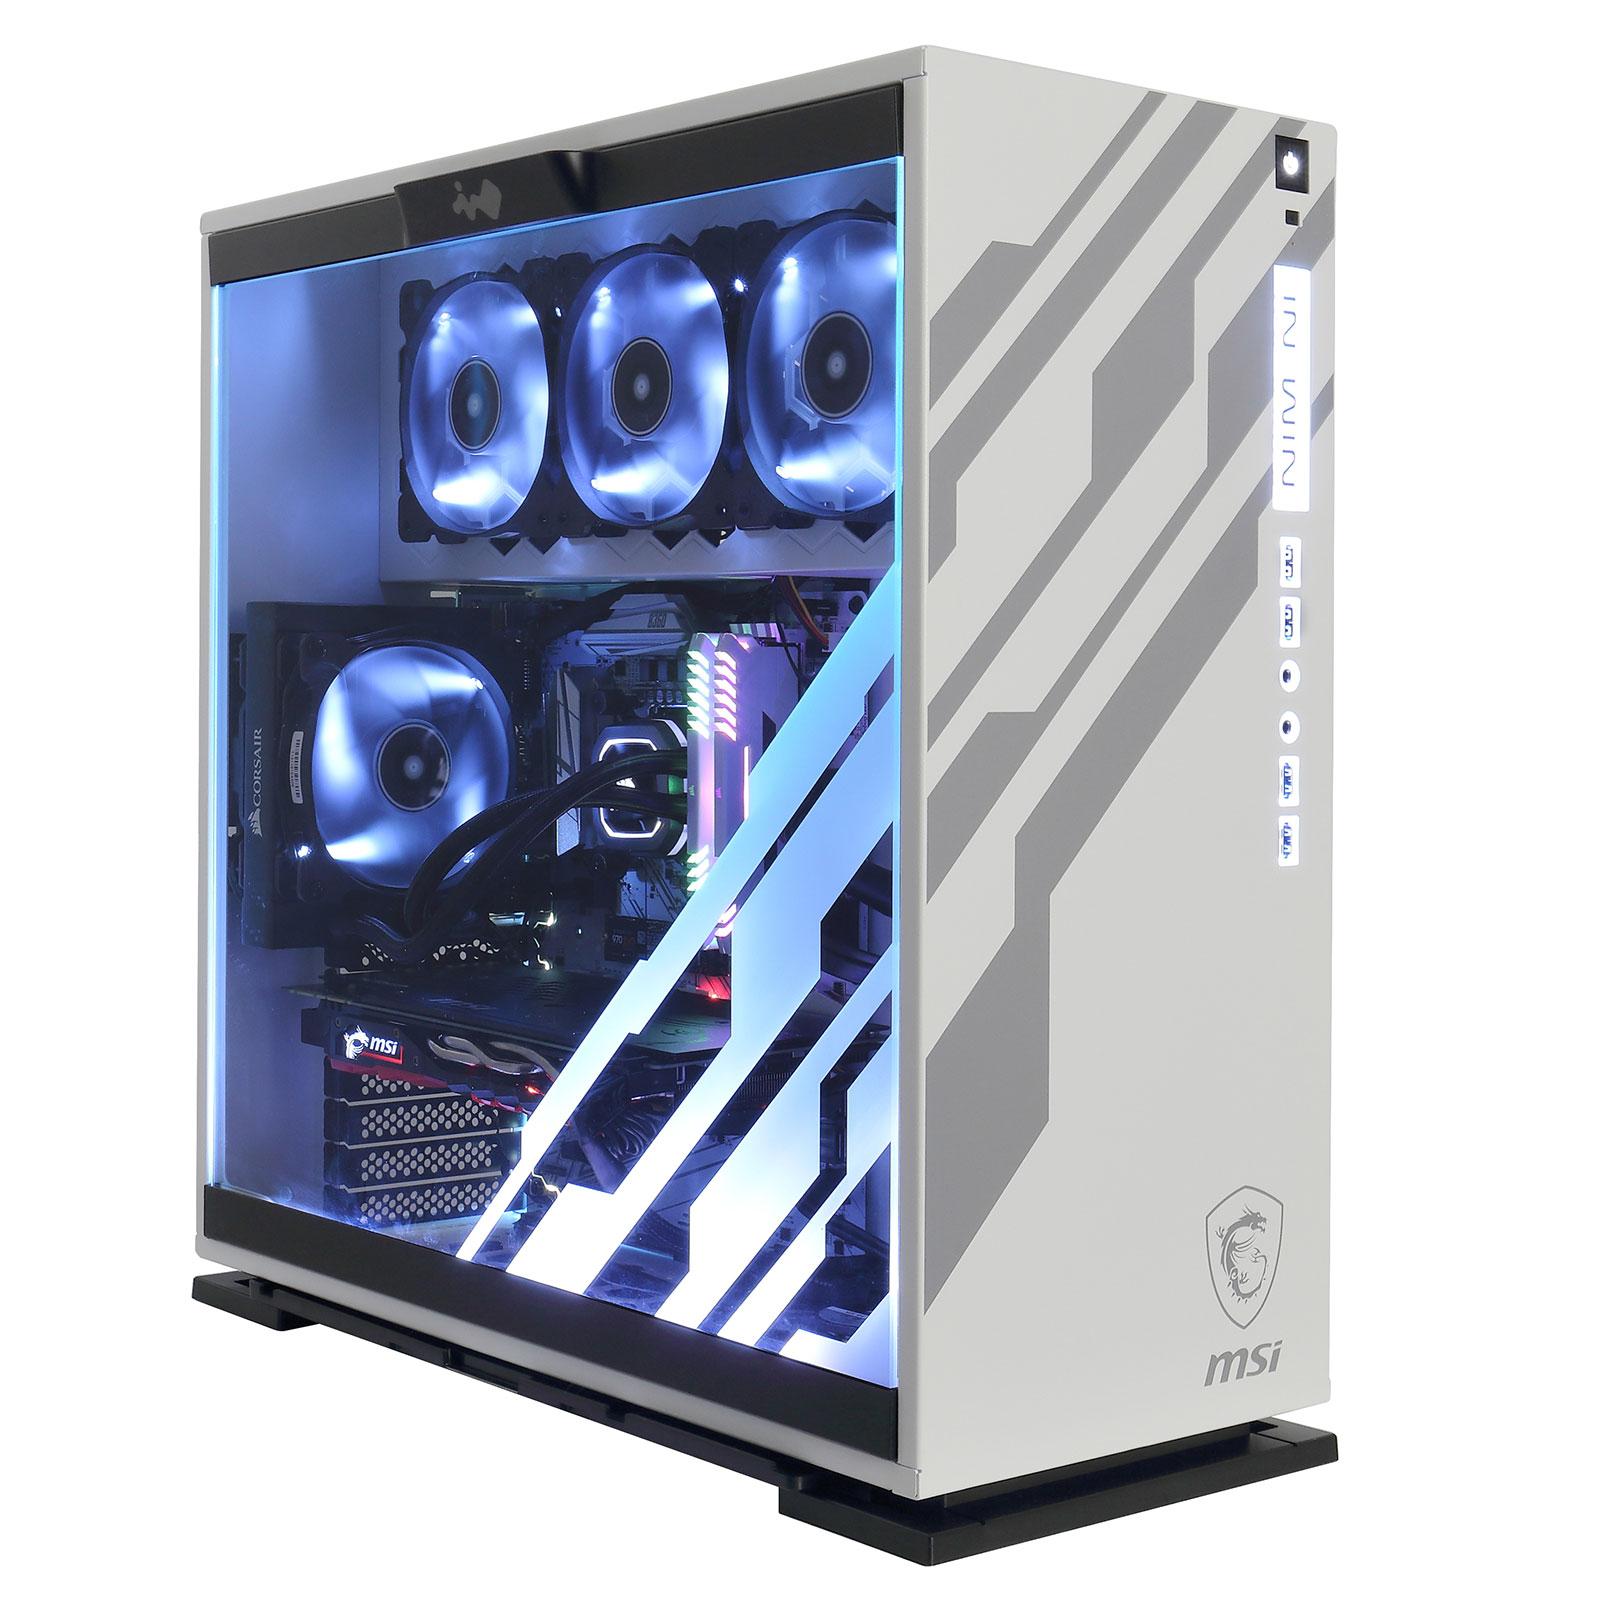 PC de bureau LDLC PC Macchiato Artic Refresh Intel Core i5-9600K (3.7 GHz) 16 Go SSD NVMe 240 Go + HDD 1 To NVIDIA GeForce RTX 2070 8 Go (sans OS - monté)